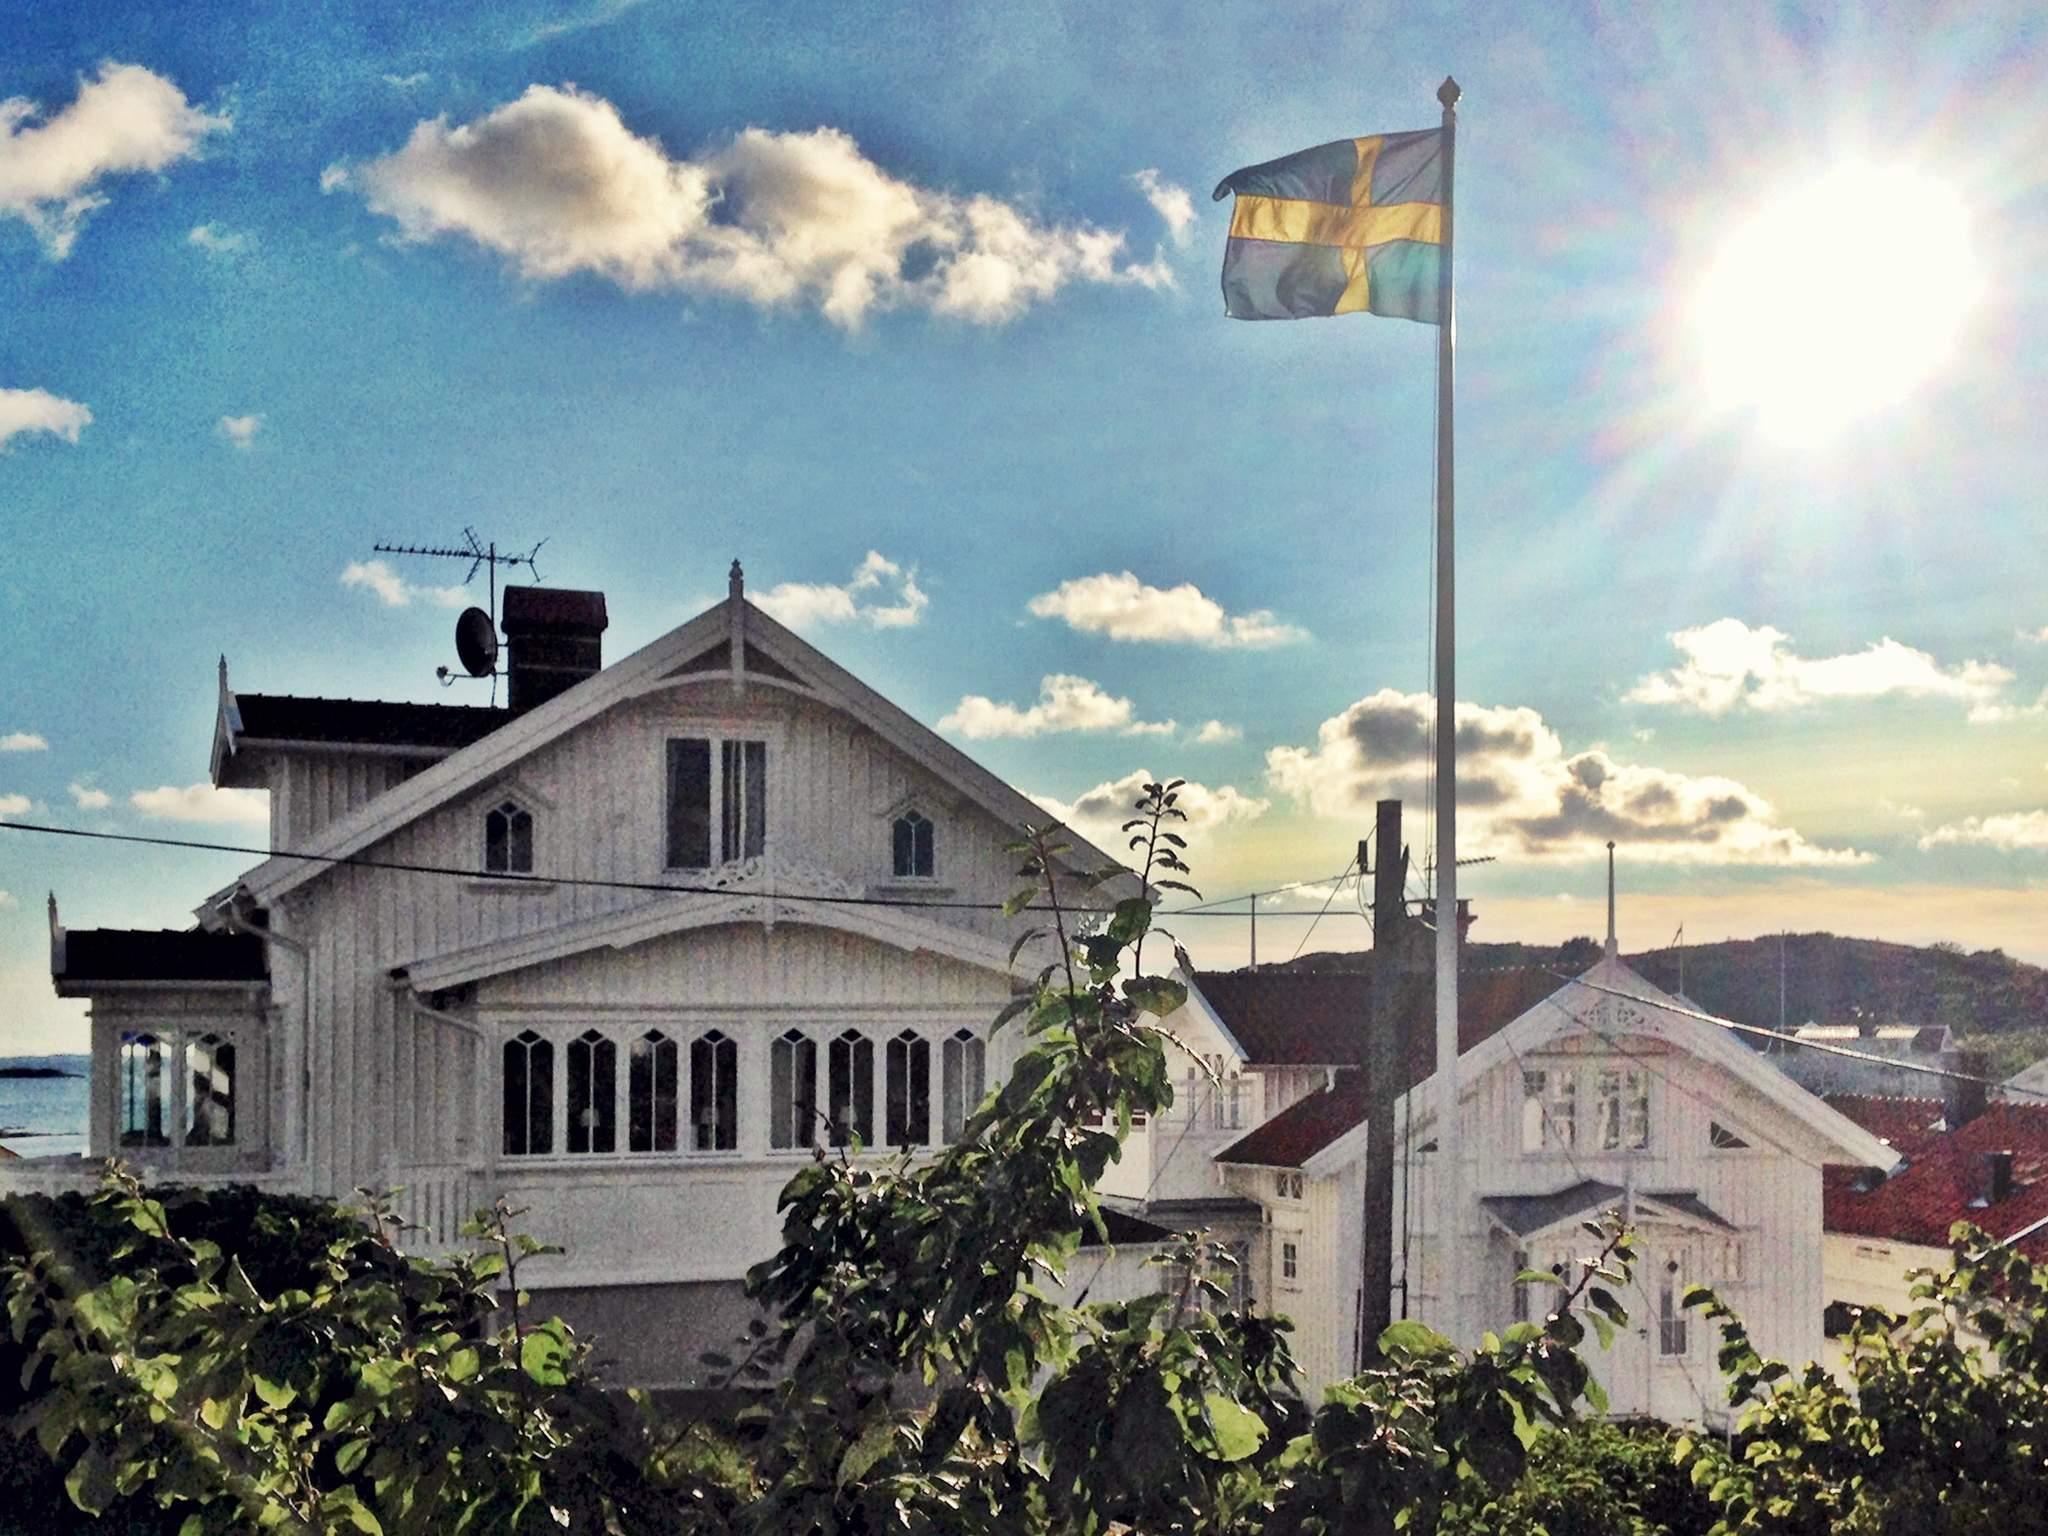 billiga övernattningar stockholm